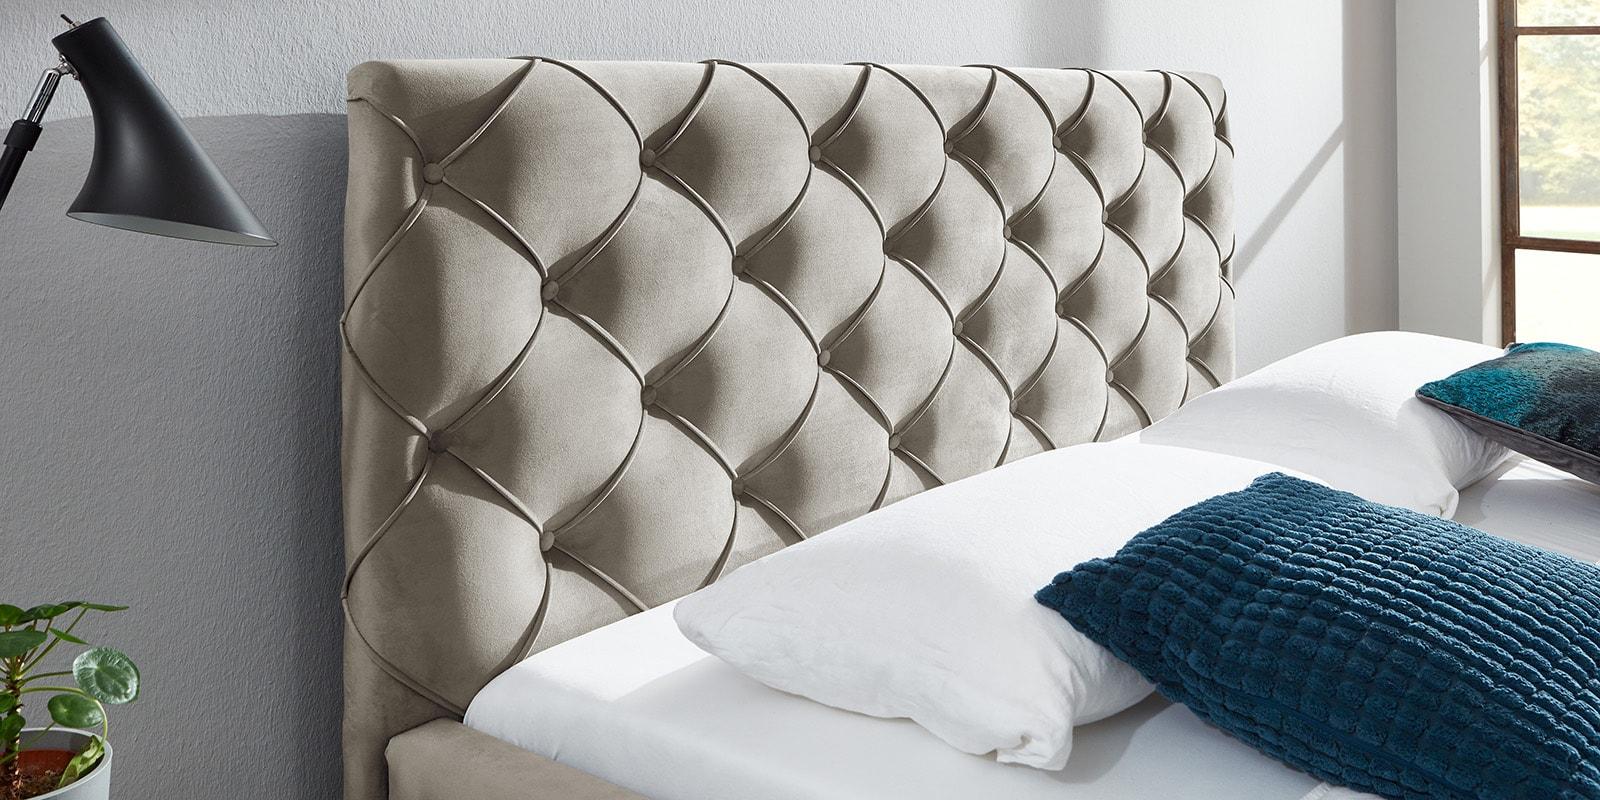 Moebella24 - Bett - mit - Bettkasten - Nelly - Samt - Altweiß- Kopfteil - mit - Knopfheftung - Detailaufnahme